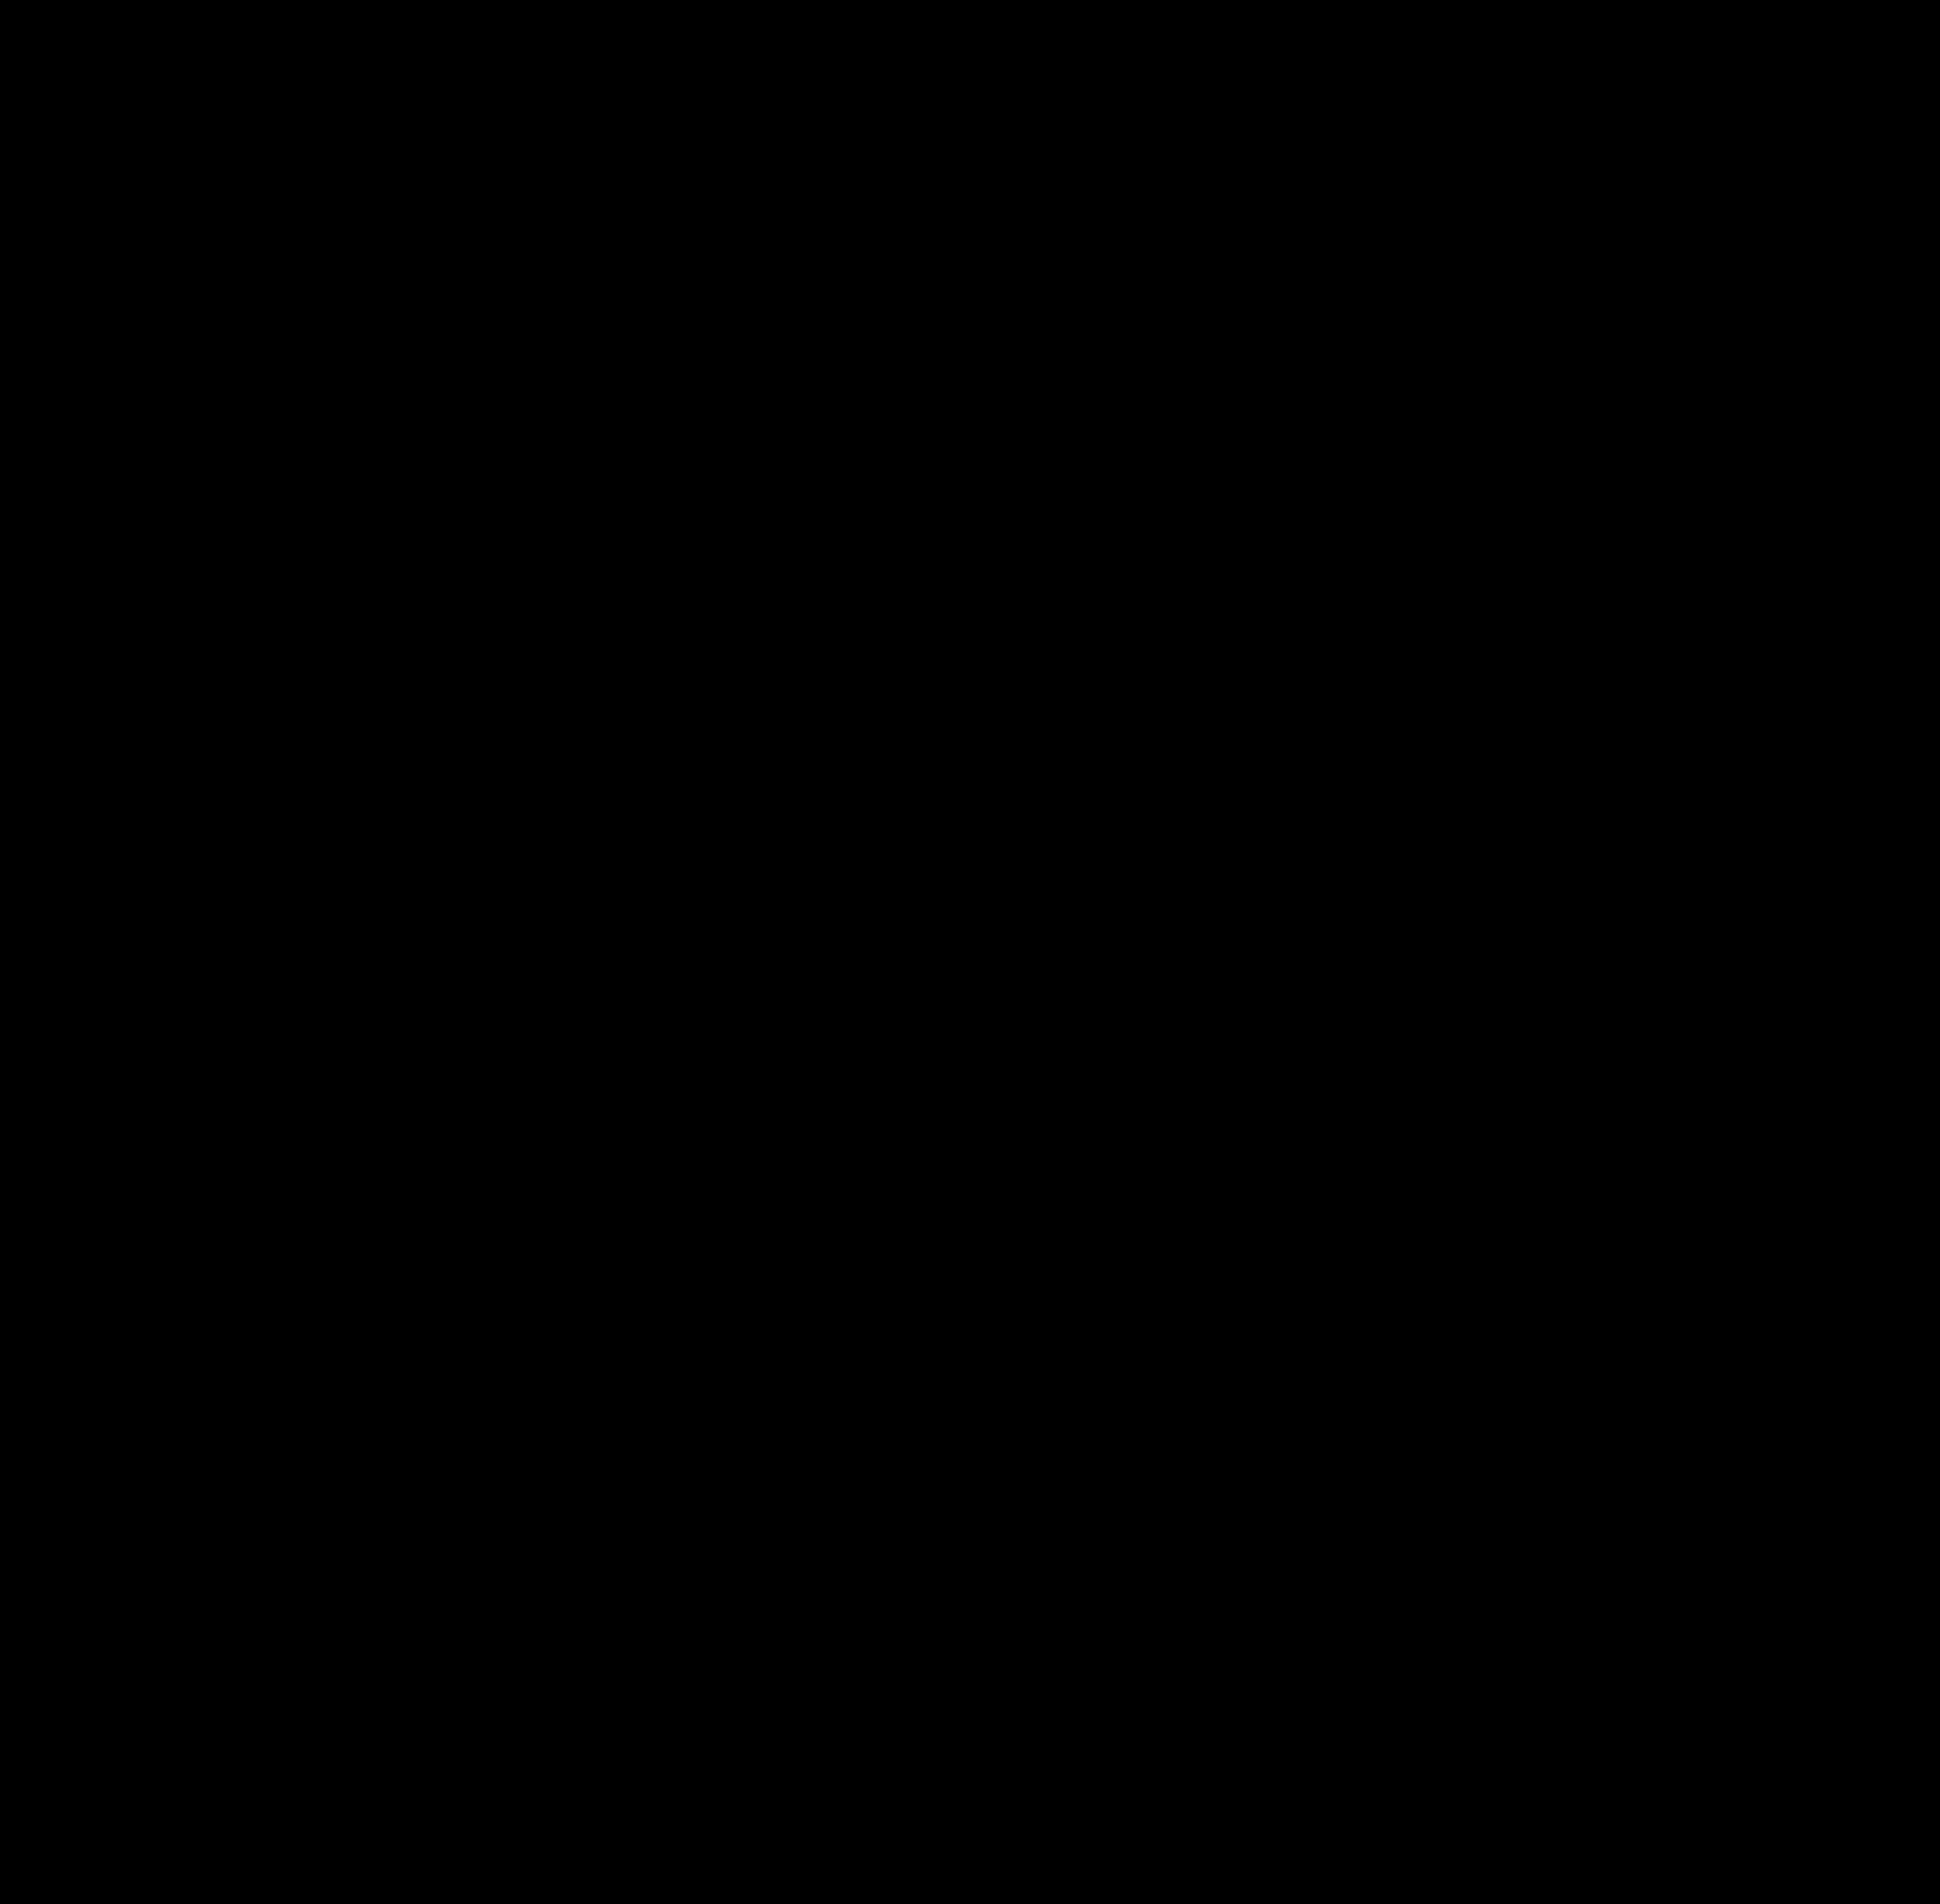 Смешные картинки с очками пнг без фона, английском